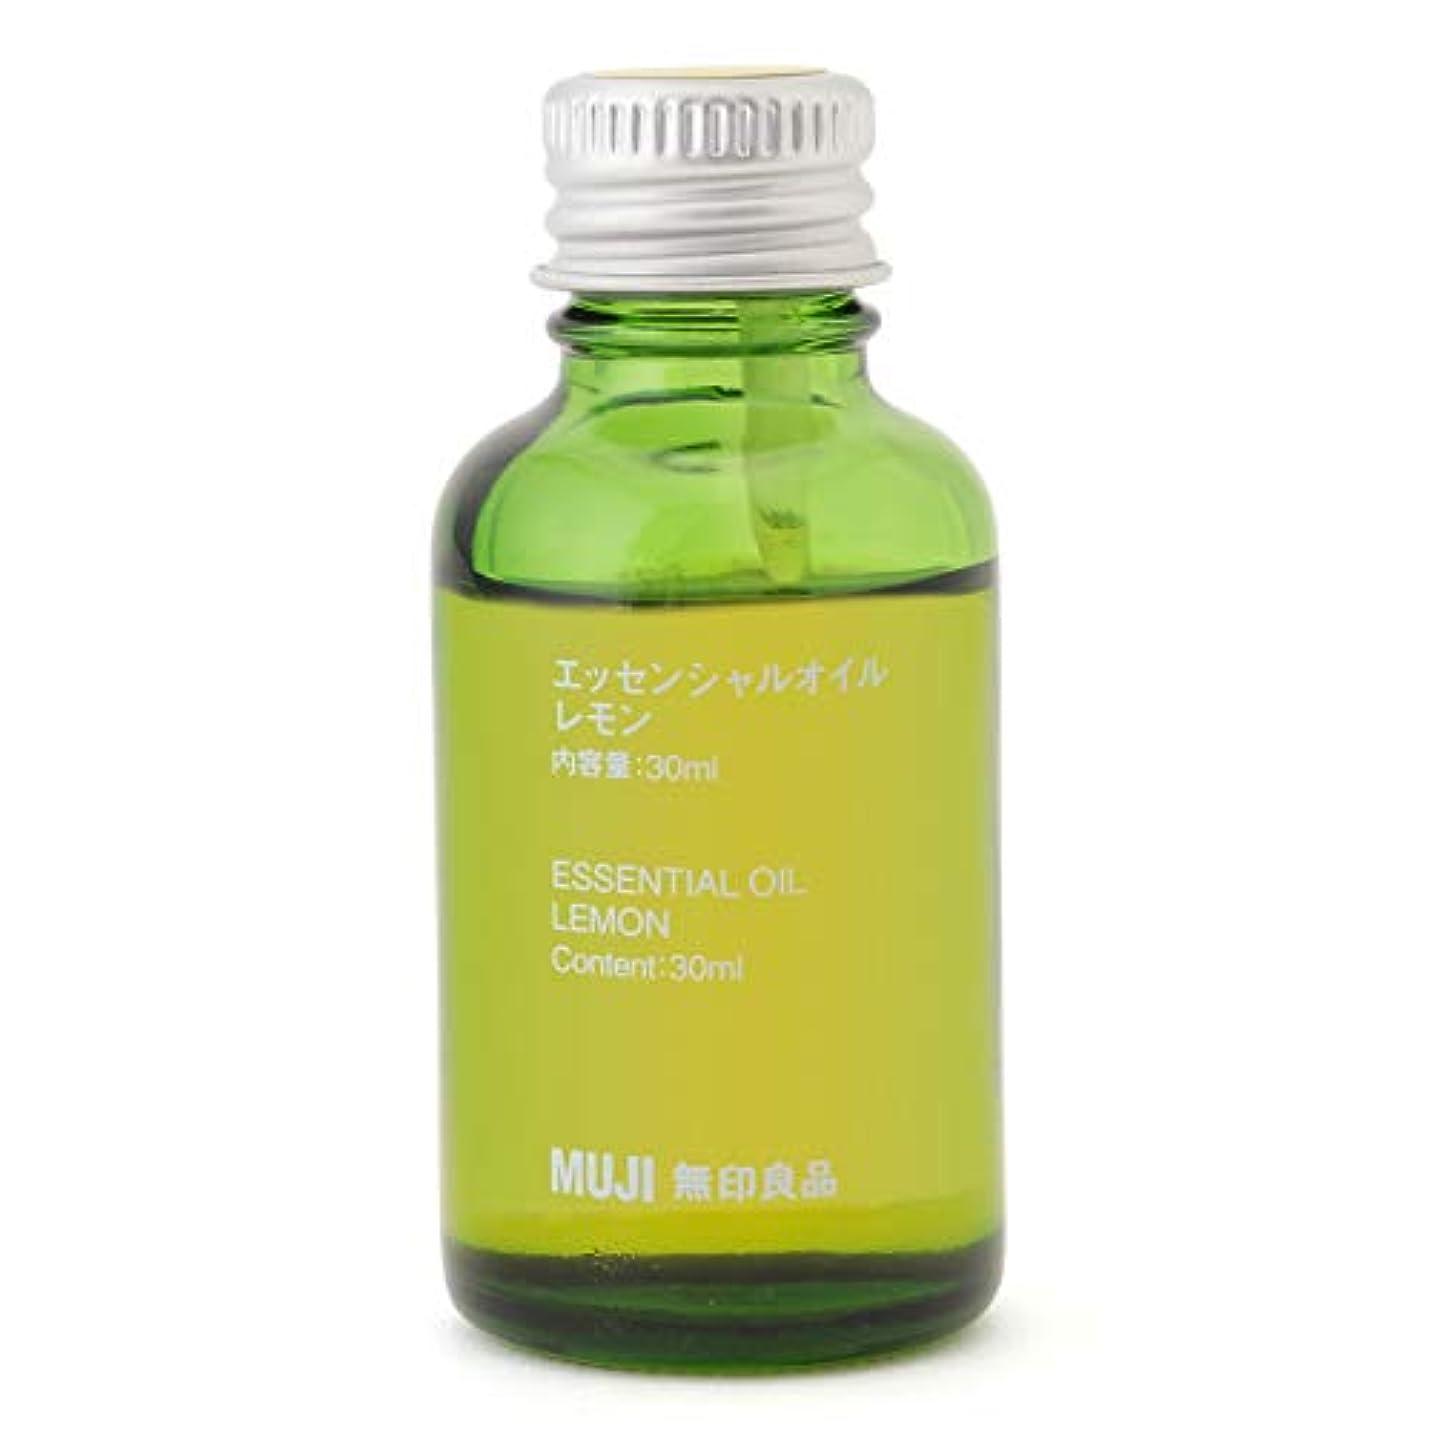 引き受けるうまくやる()キルス【無印良品】エッセンシャルオイル30ml(レモン)